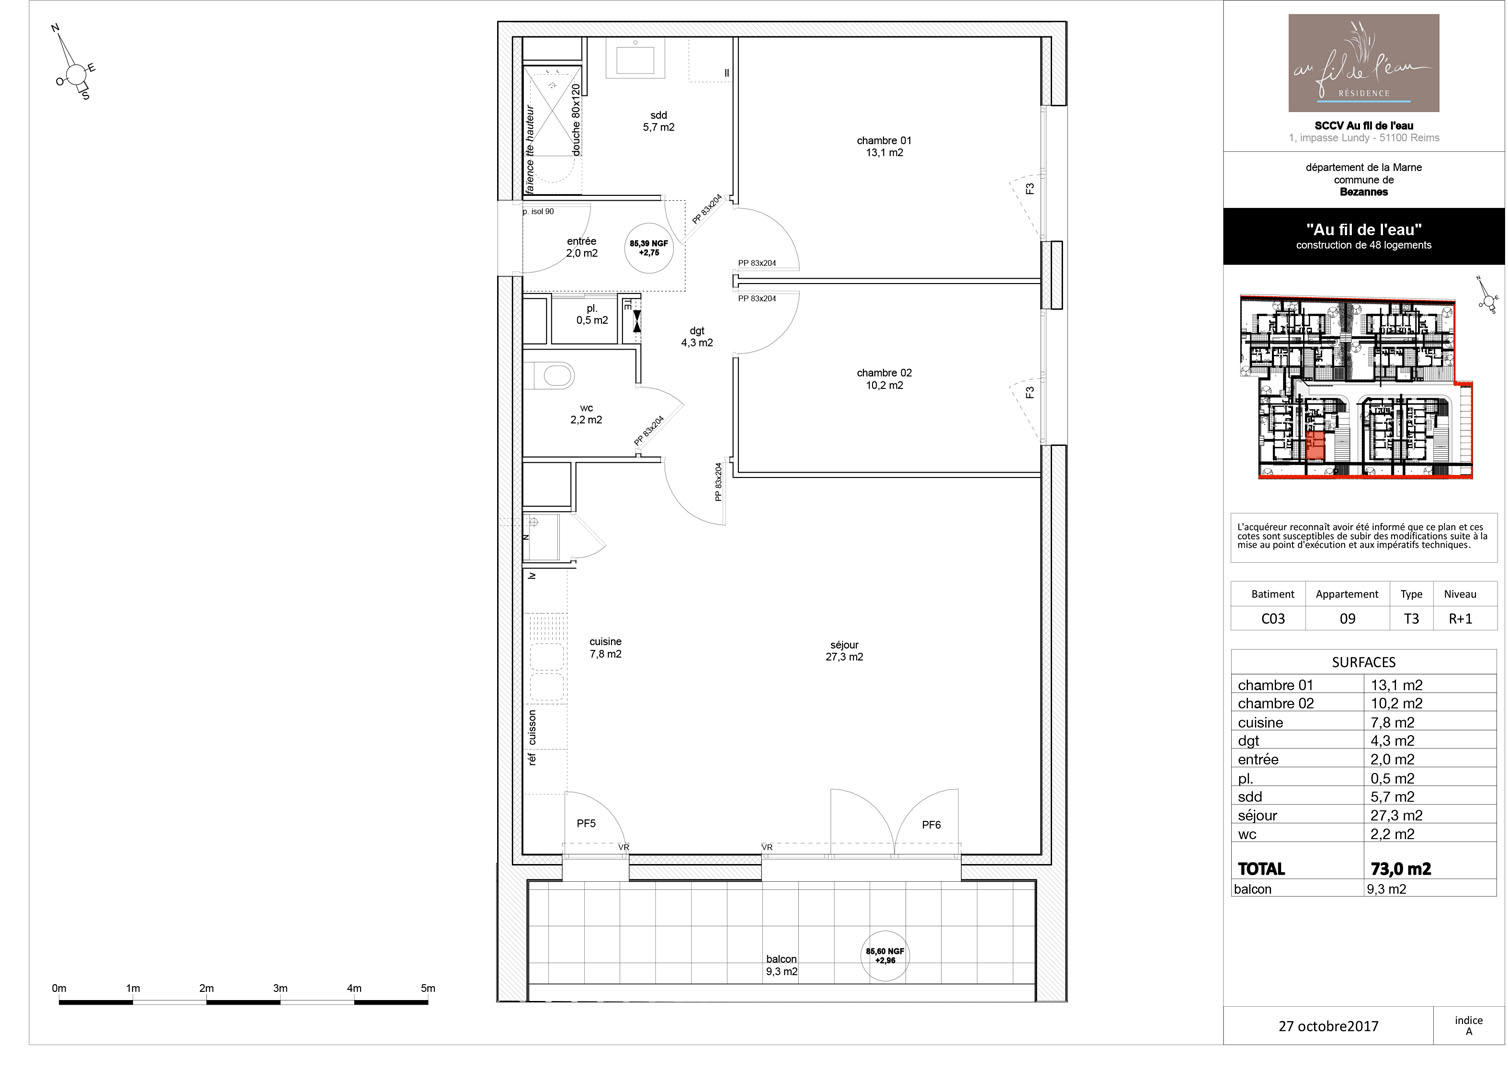 appartement C03-09 de type T3